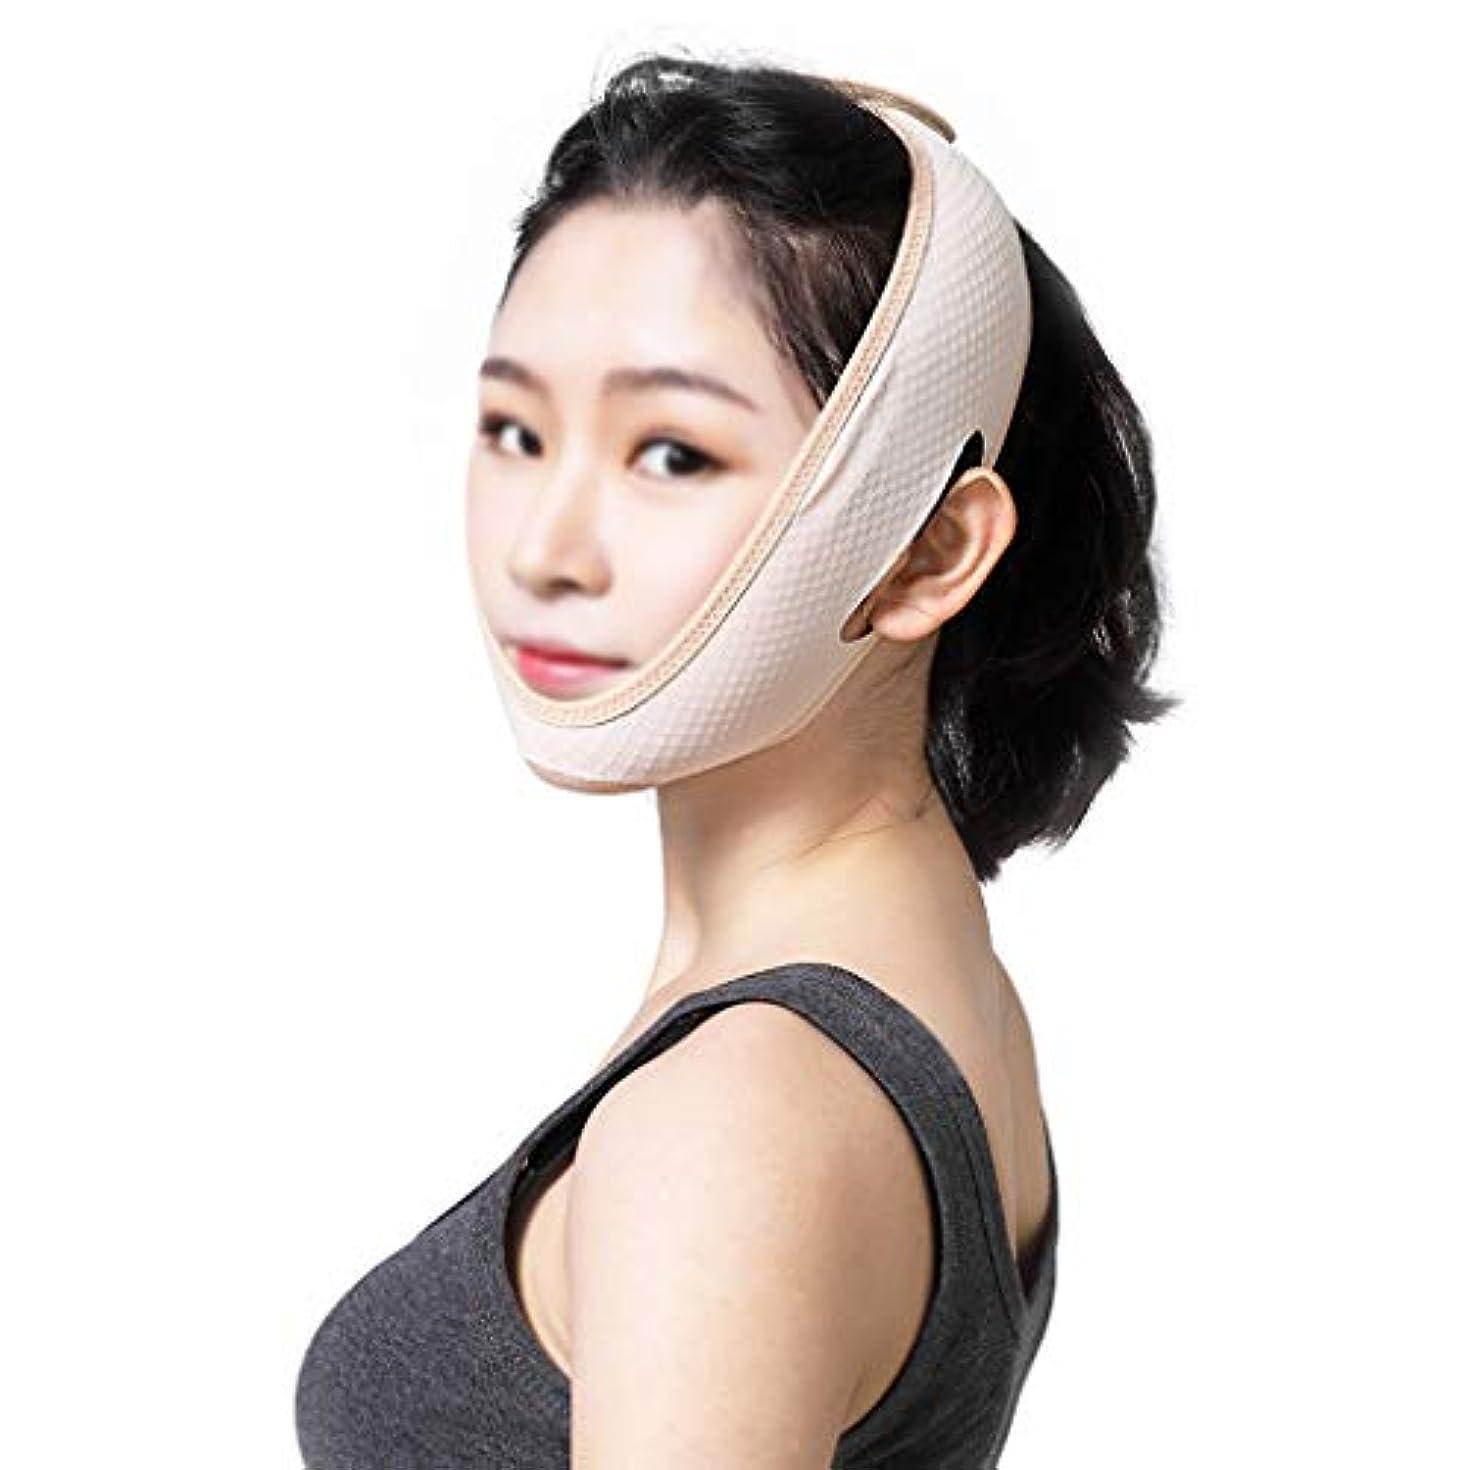 広告漏れプットフェイスリフトマスク医療美容ライン彫刻術後回復マスクvフェイスリフティングタイトヘッドギアあごあご包帯薄い顔楽器アーティファクト